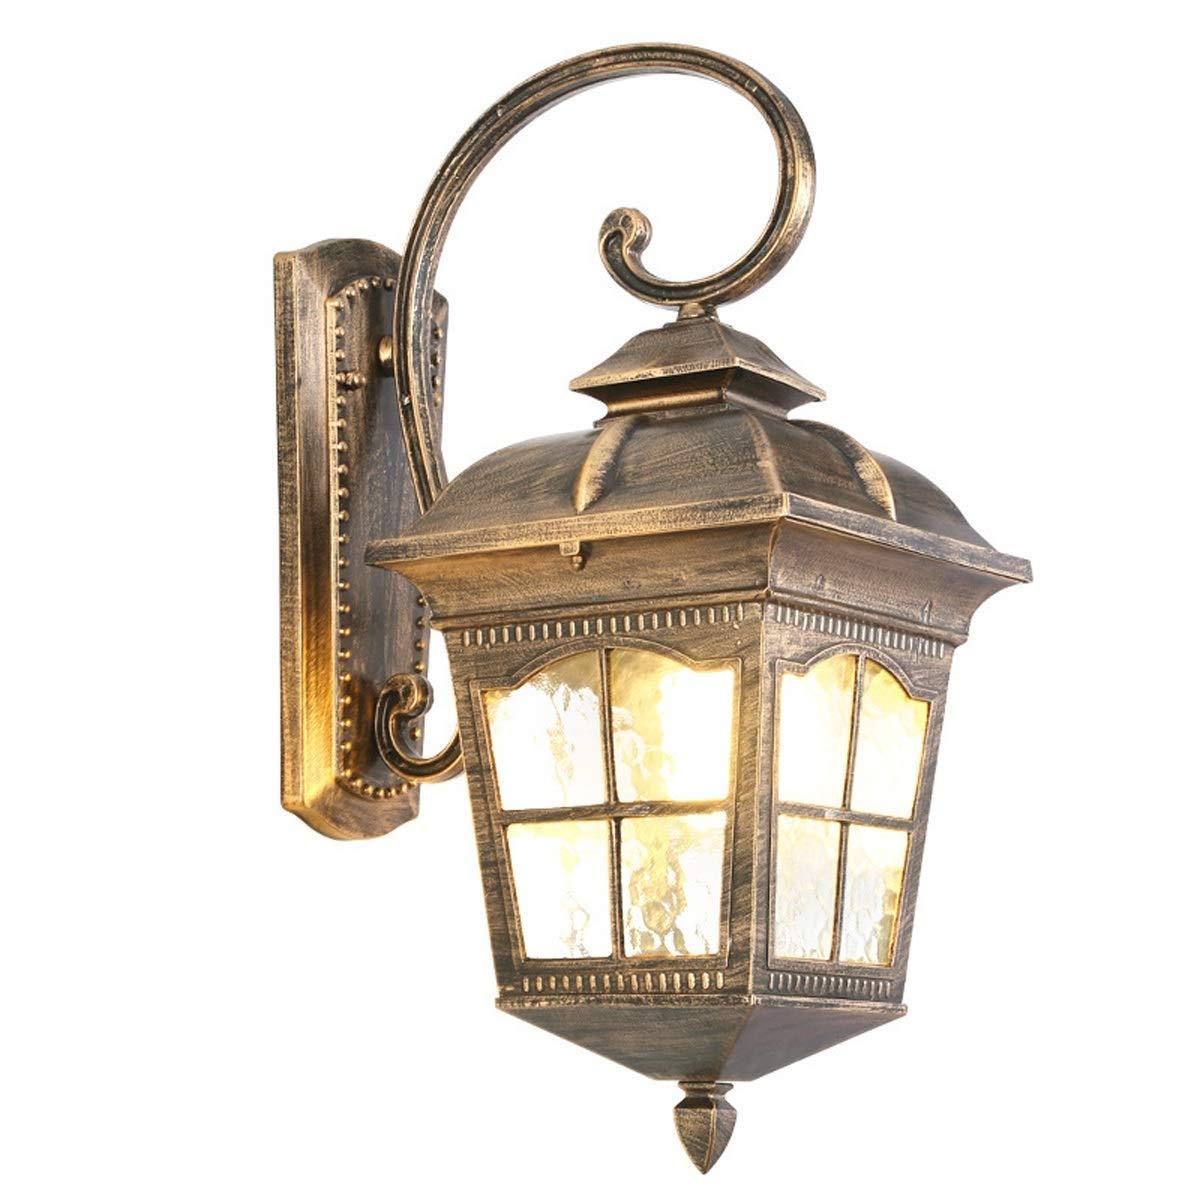 TXDZ Lampade da parete per esterni nordici, Lampade da parete a LED vintage impermeabili Lampade da parete in alluminio di bronzo in bronzo Lampade da parete per esterni da giardino in stile europeo b